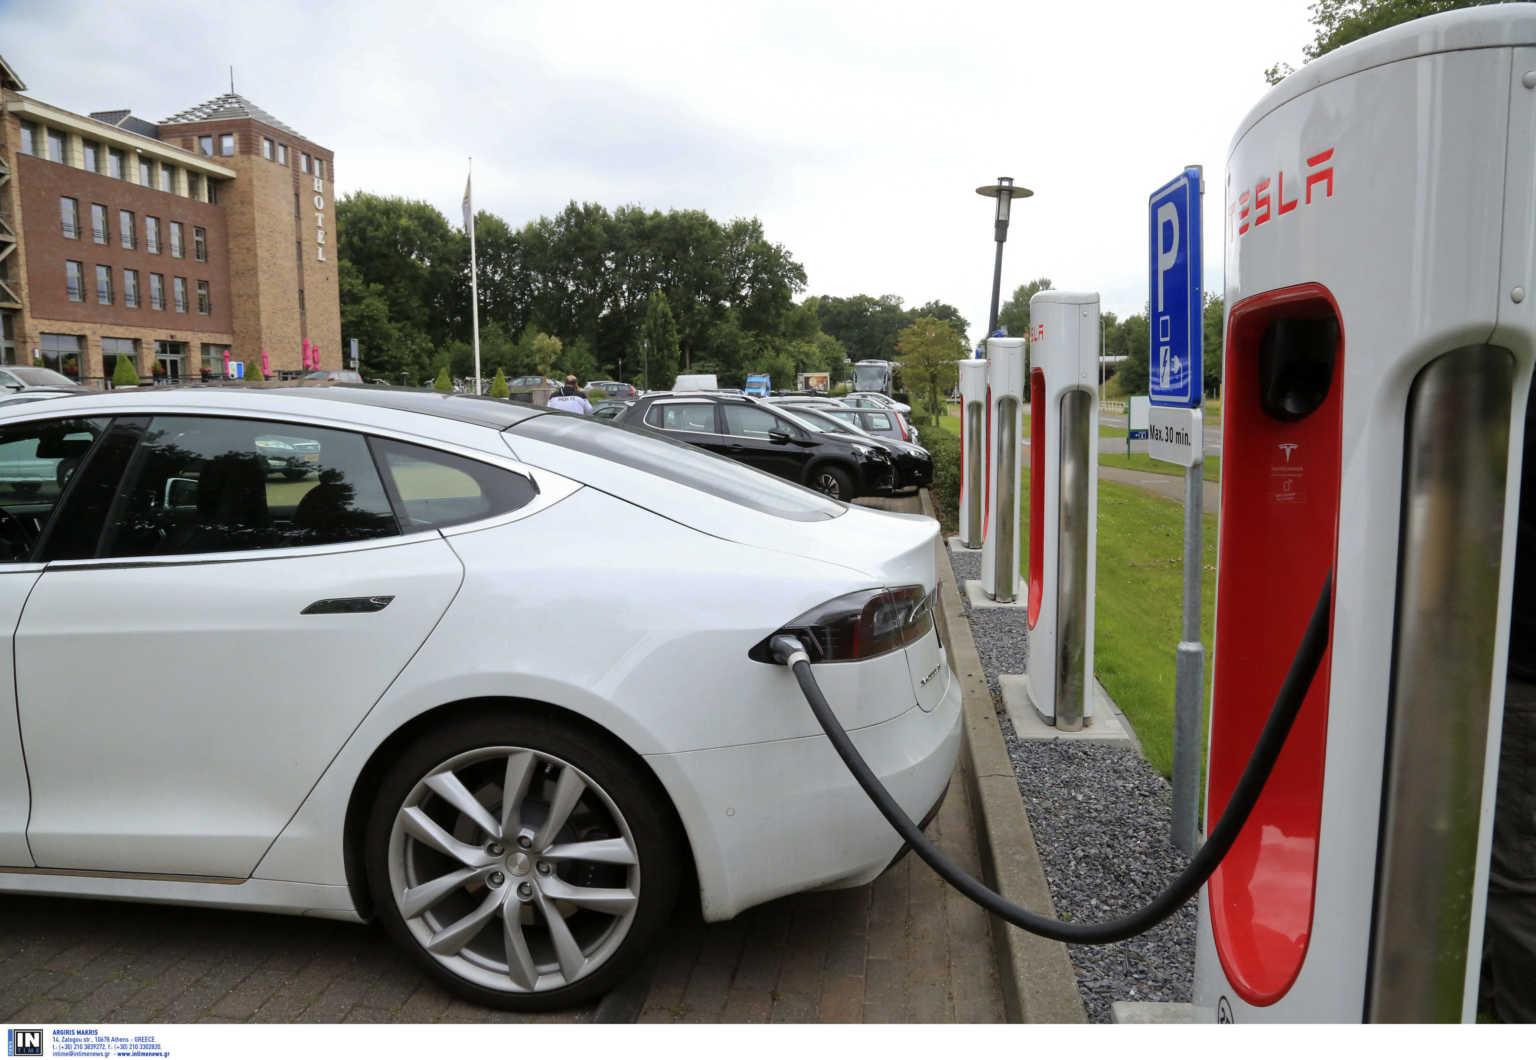 """Ηλεκτρικά αυτοκίνητα: """"Άνοιξε"""" το πρόγραμμα επιδοτήσεων! Τα ποσά για κάθε περίπτωση"""